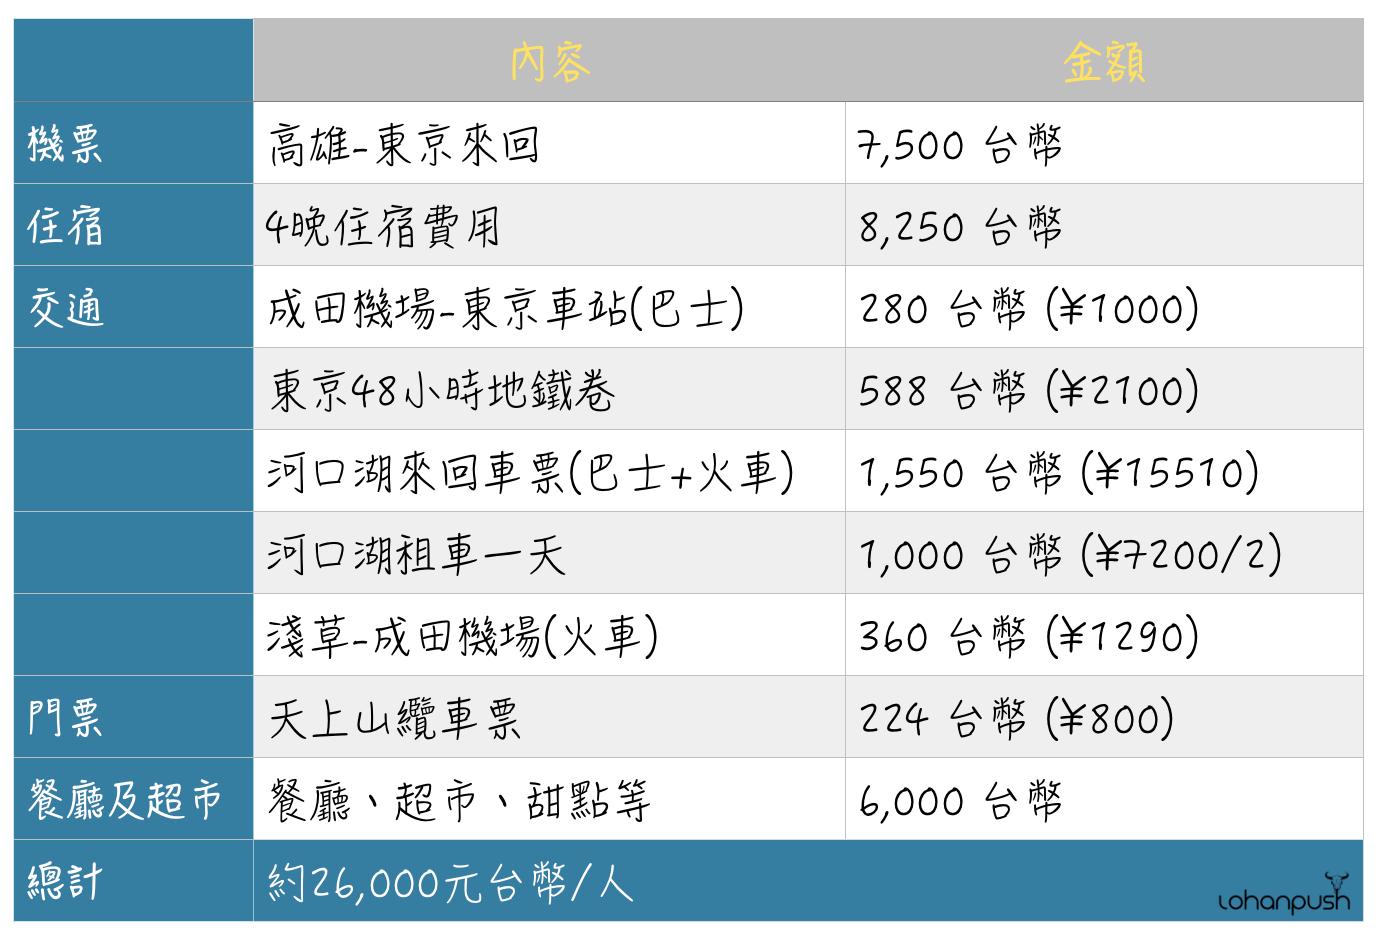 東京自由行2019費用.png